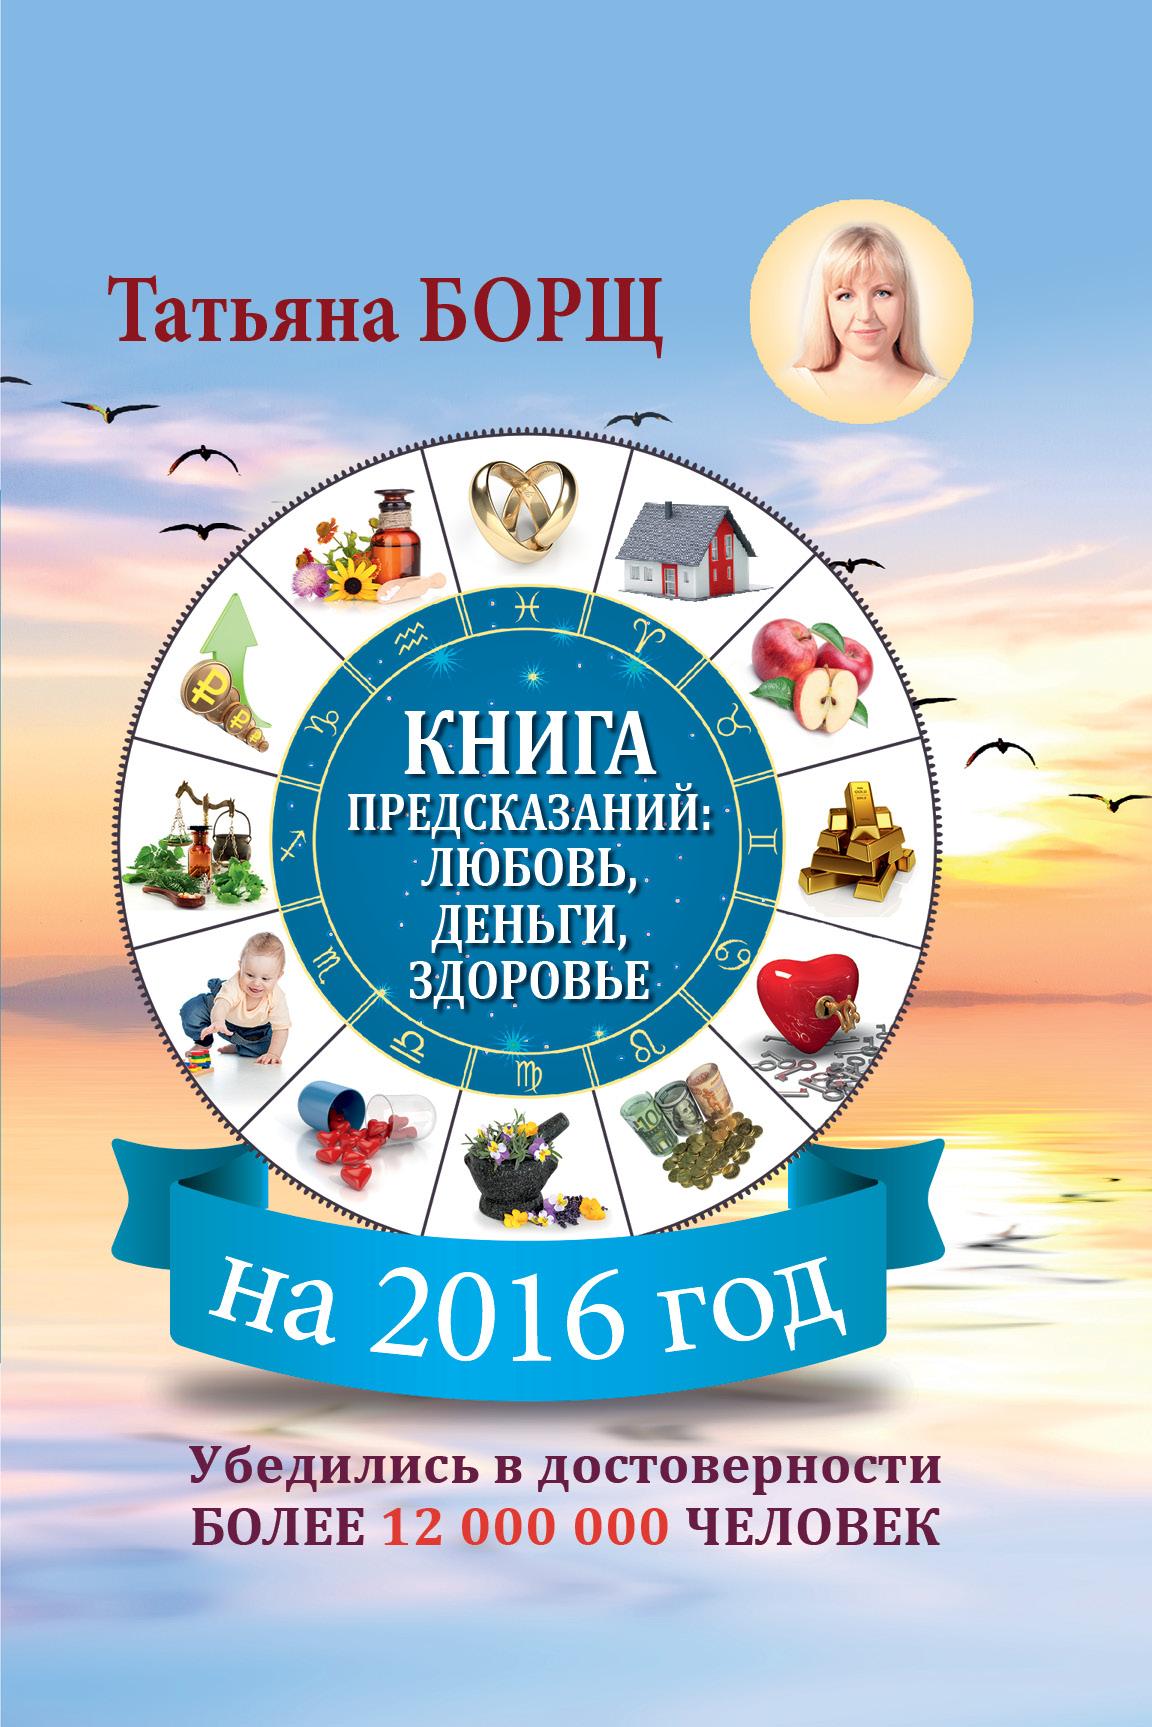 Борщ Татьяна Книга предсказаний на 2016 год. Любовь, деньги, здоровье